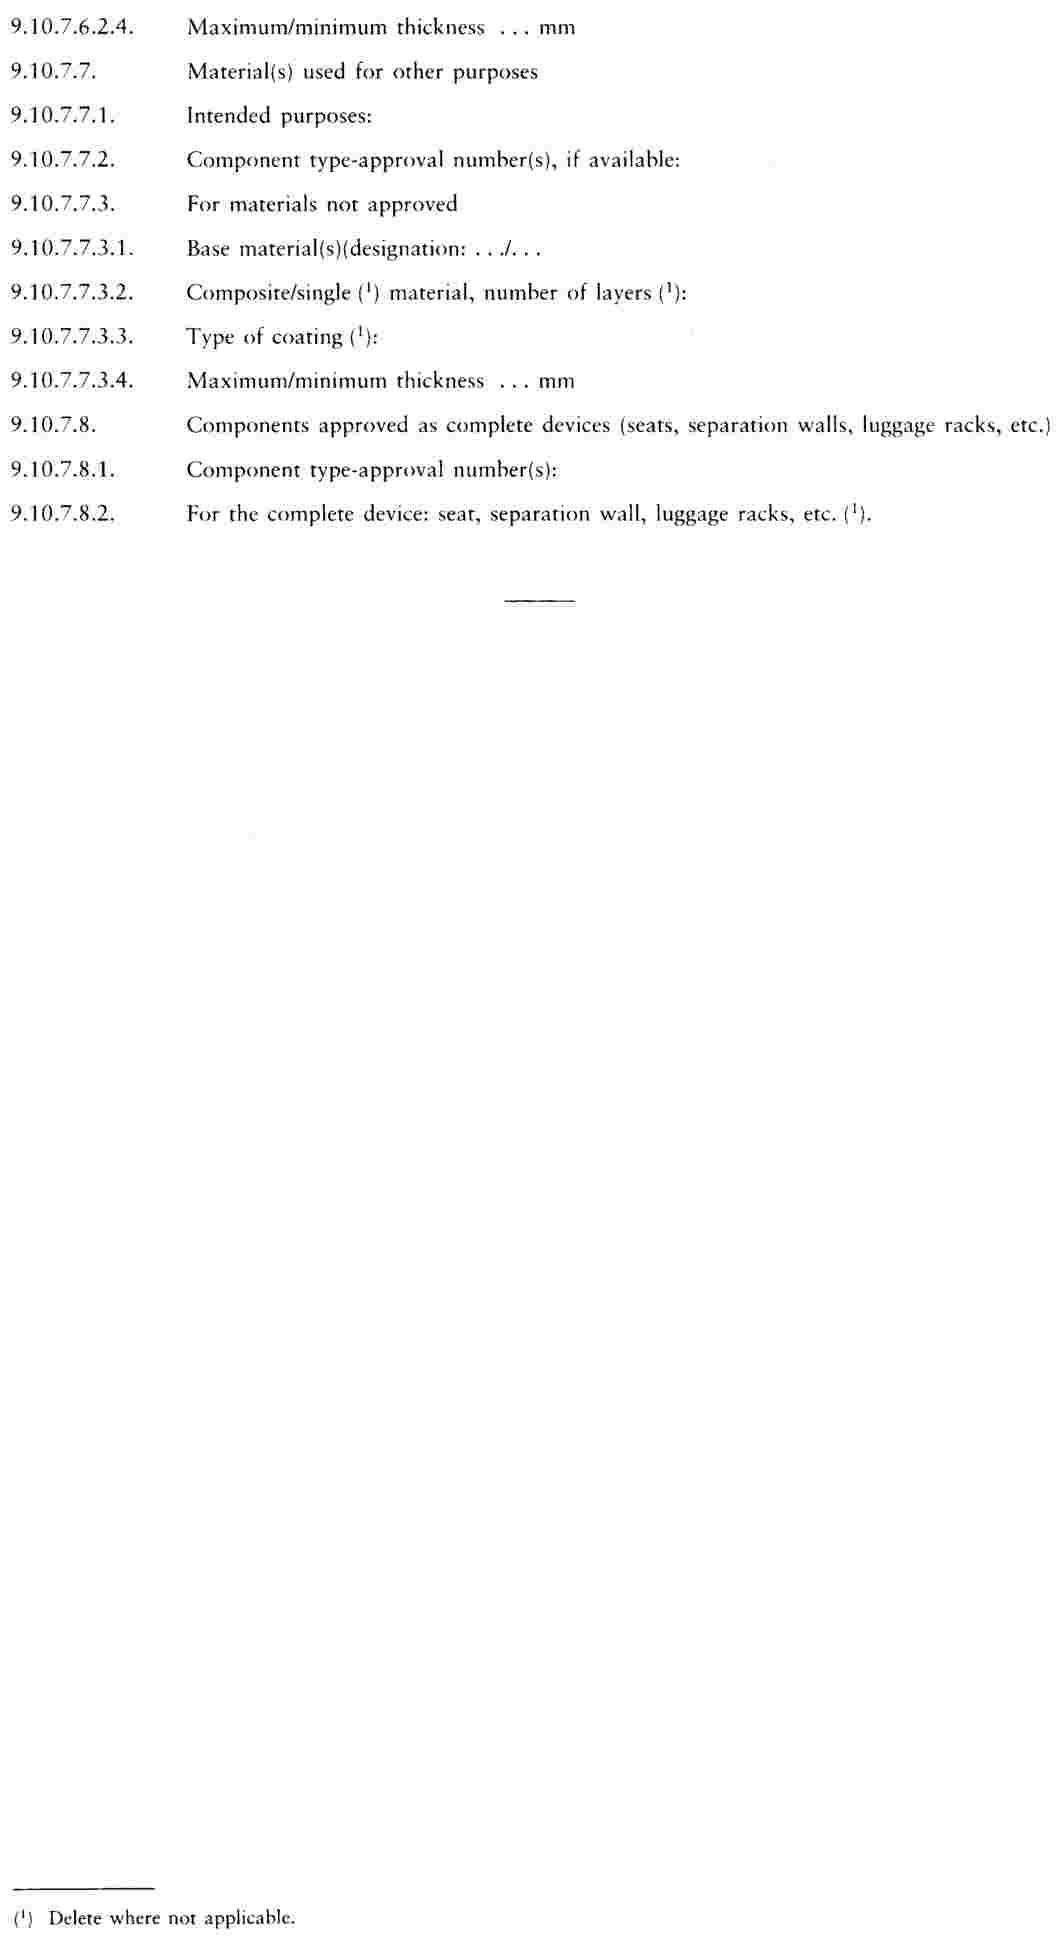 Wunderbar Kreditdokument Vorlage Kostenlos Zeitgenössisch - Entry ...